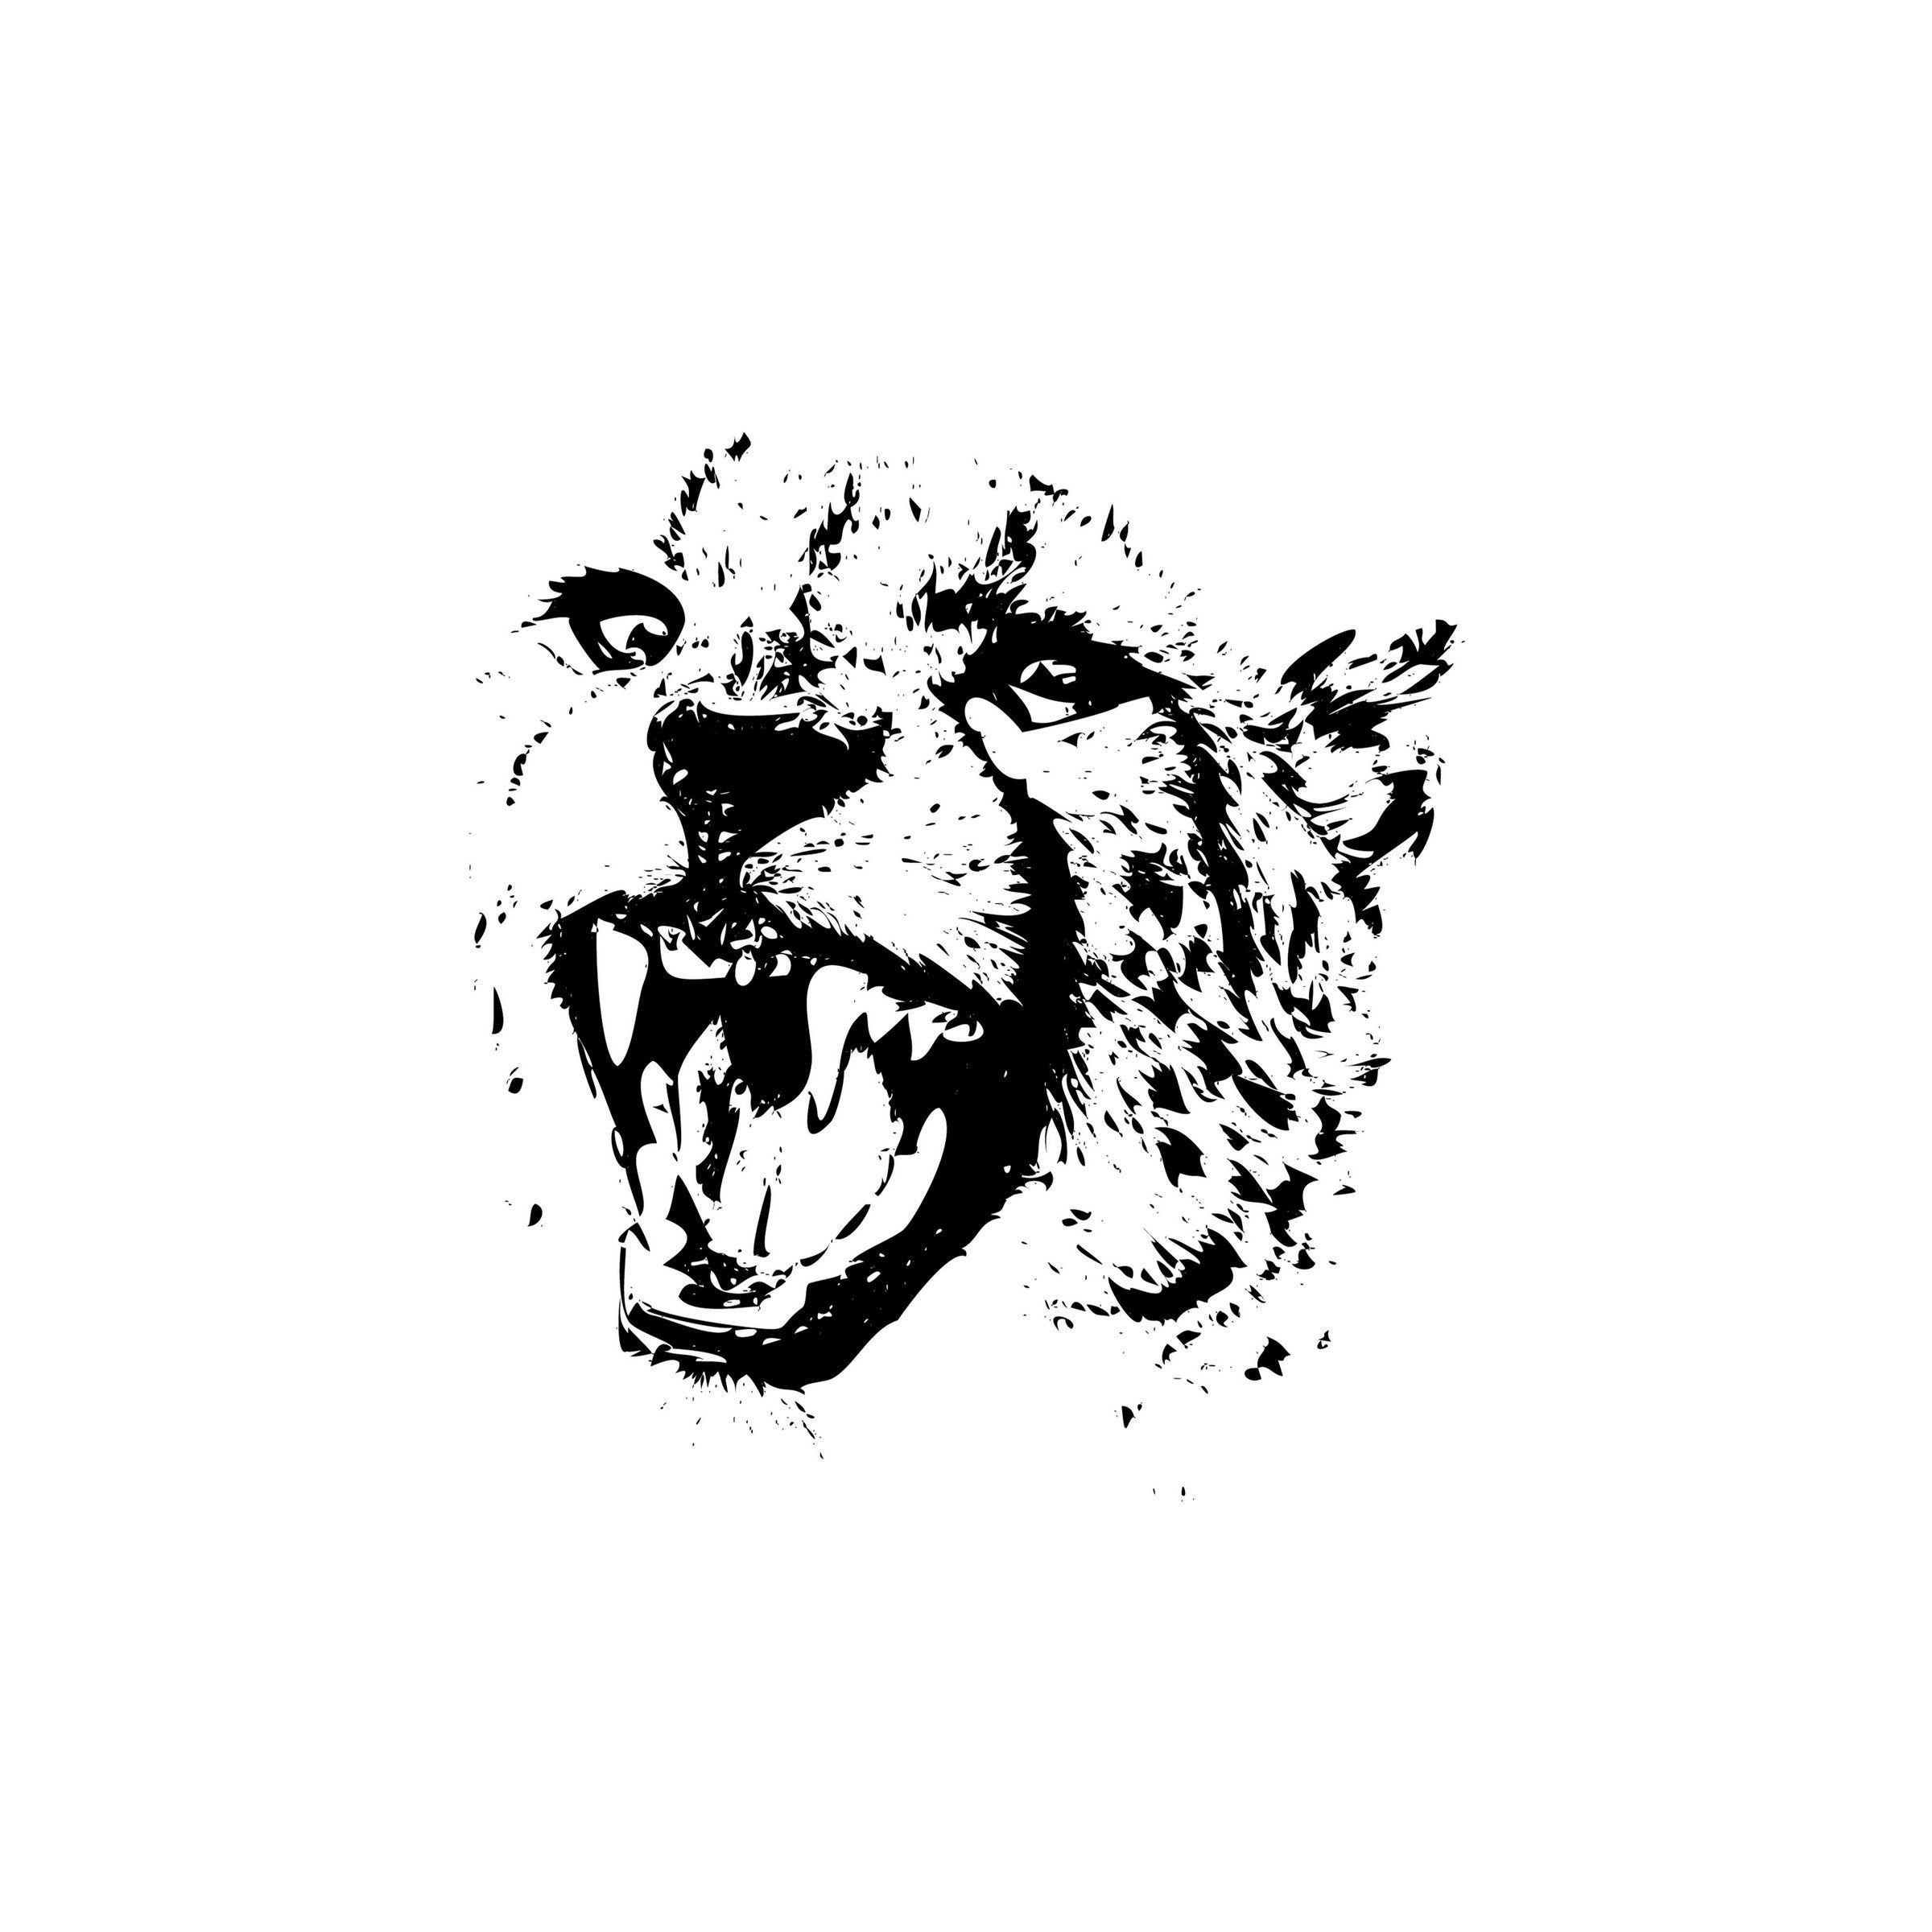 Leopard 1 Jaguar Tiger Big Cat Predator Logo.Svg .Eps .Png